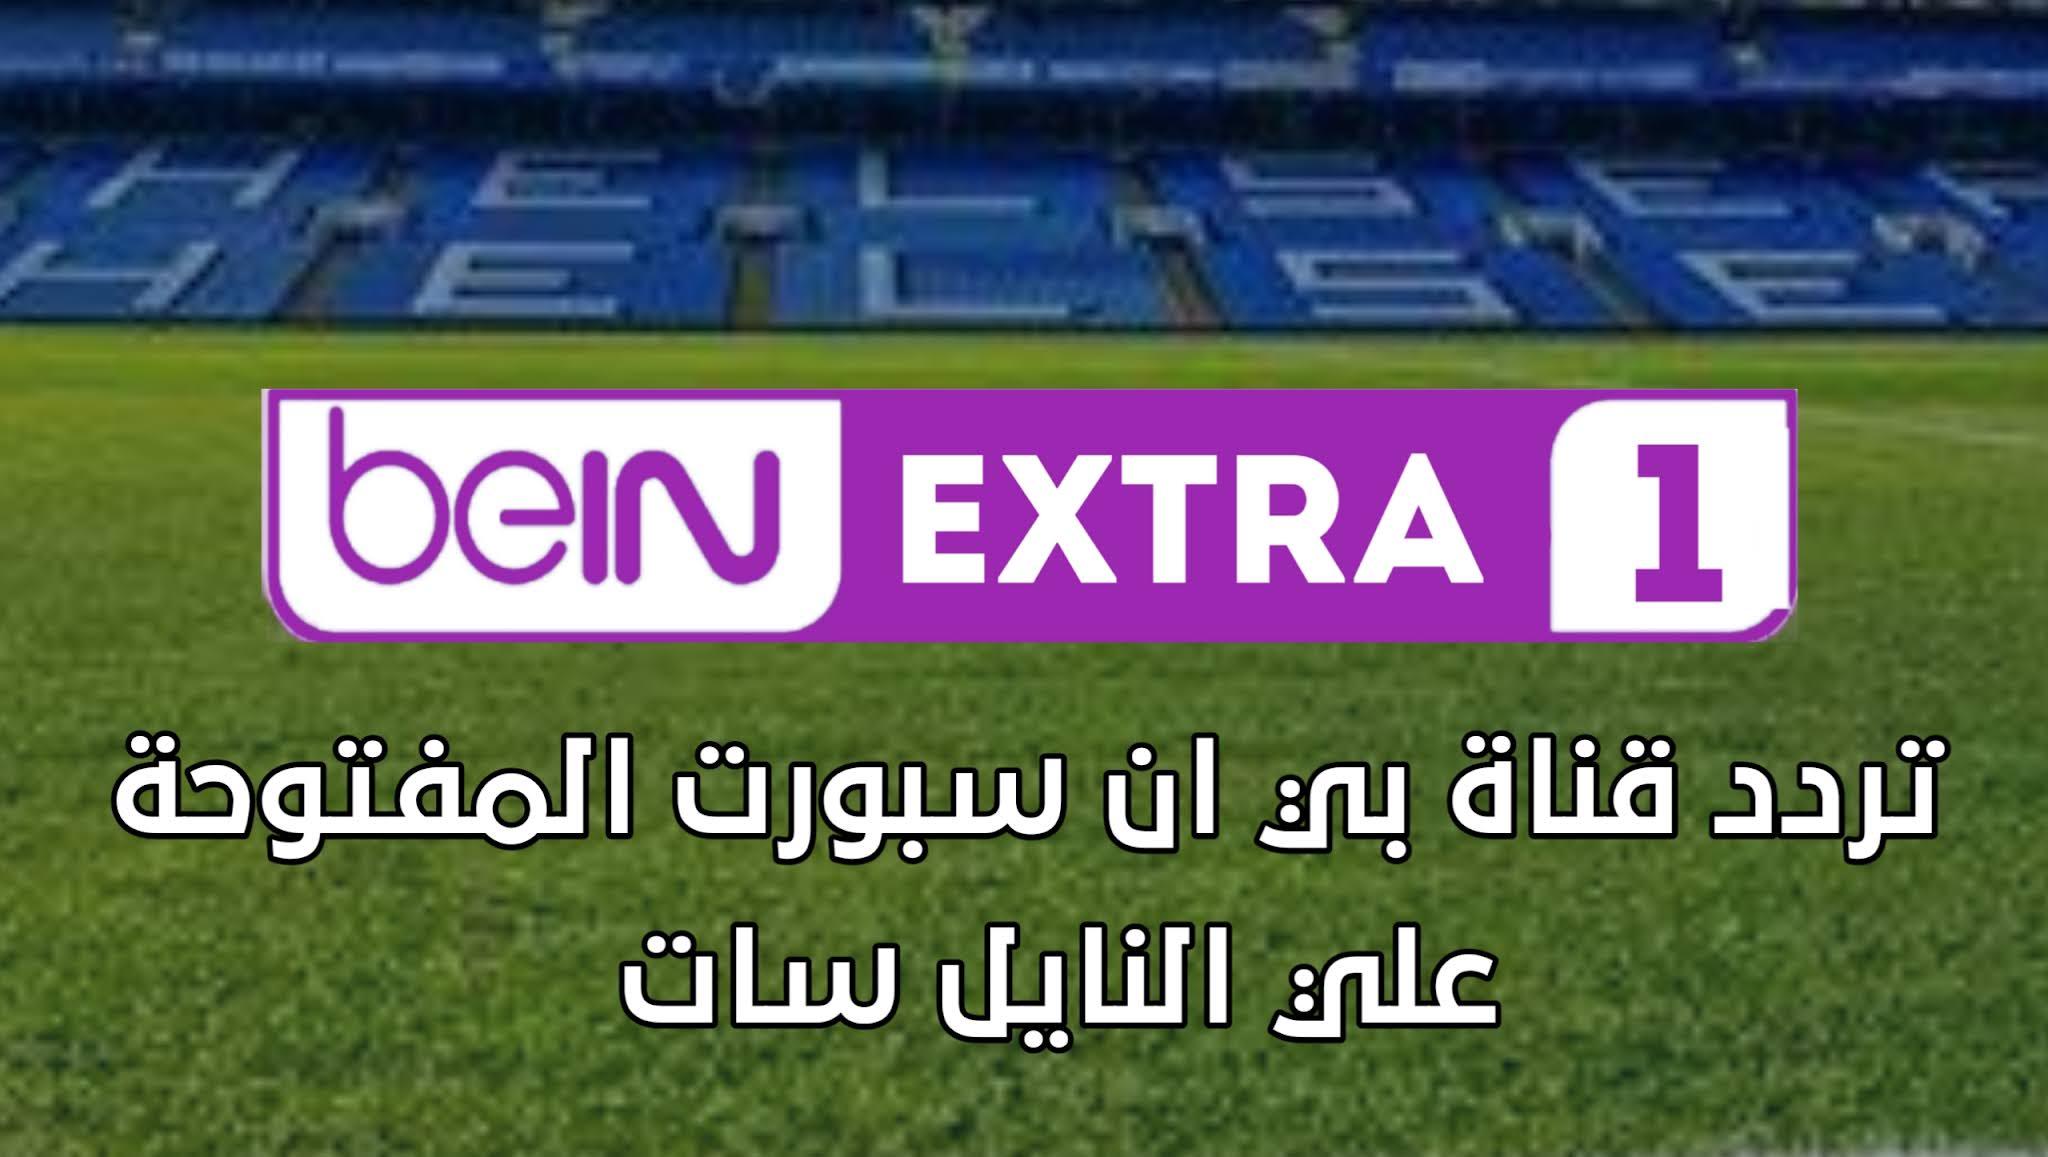 تردد قناة بي ان سبورت المفتوحة علي النايل سات